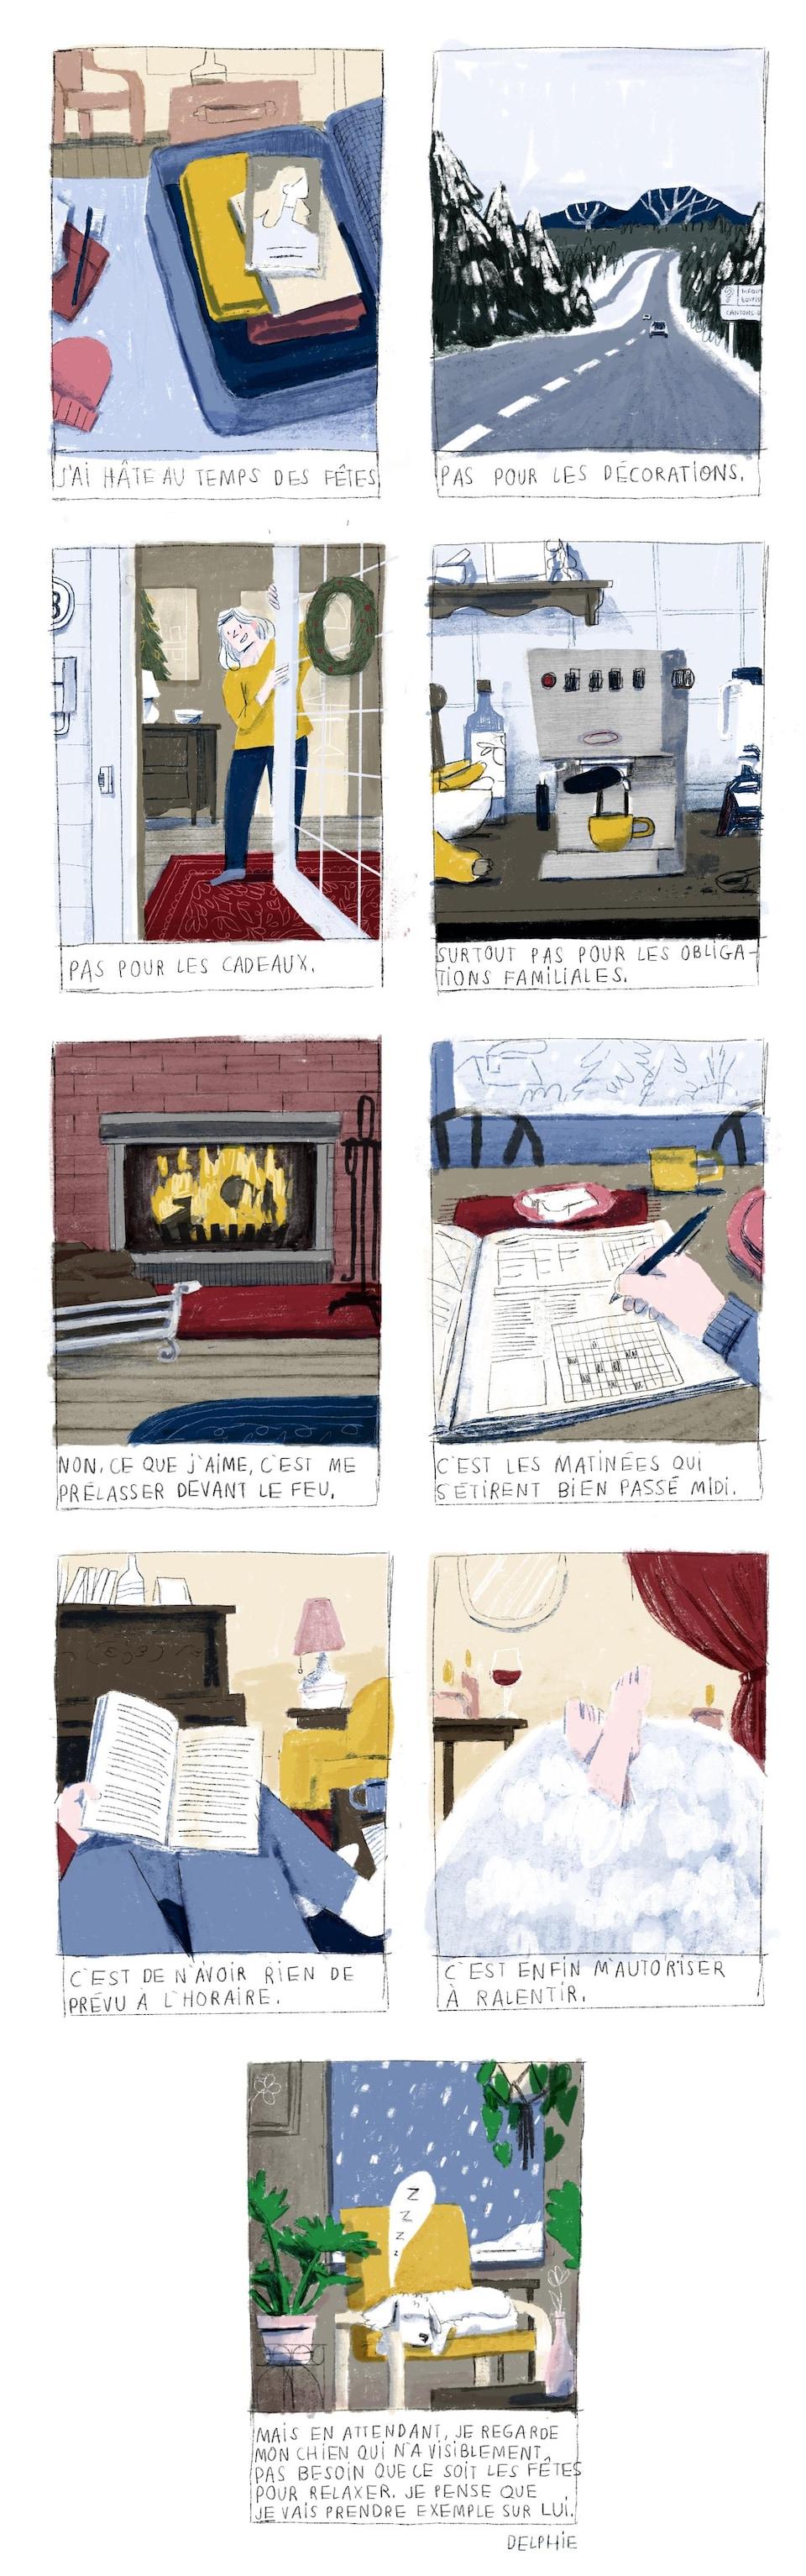 9 vignettes sur le thème du temps des fêtes et l'importance de prendre son temps : une valise, une route entourée d'un paysage enneigé, une couronne de Noël, une cafetière, un feu de foyer, des mots croisés, un livre, un bain moussant, un chien endormi sur un fauteuil.